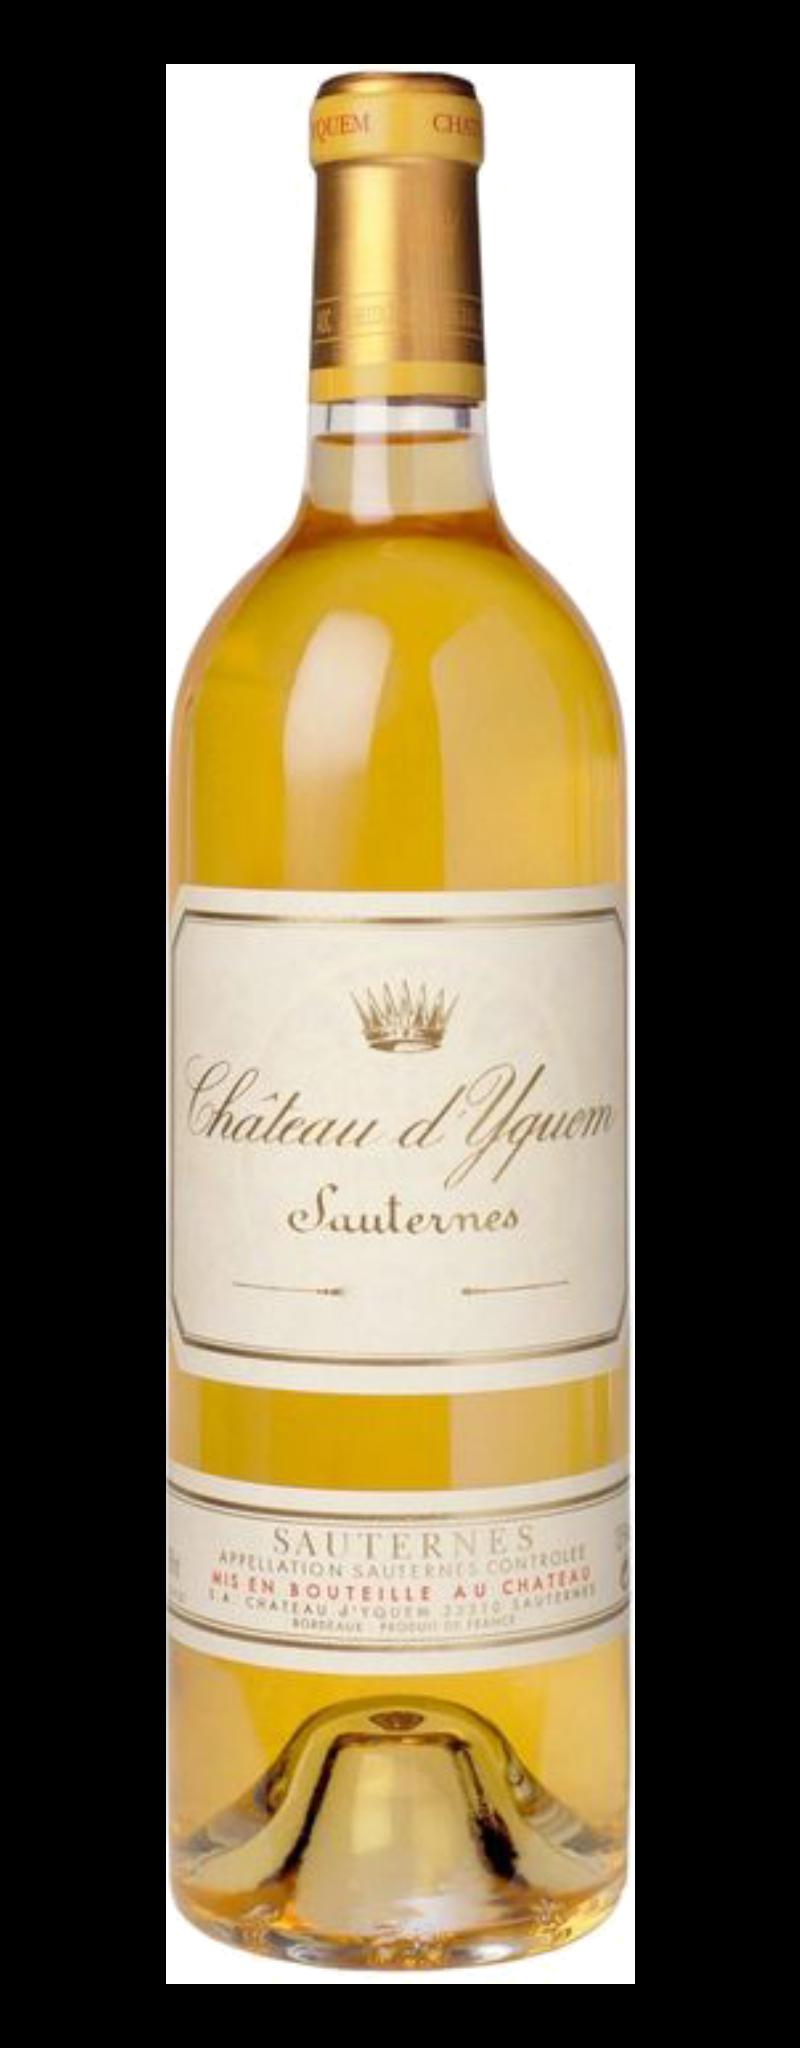 Chateau d'Yquem 1995 - Sauternes  - 750ml